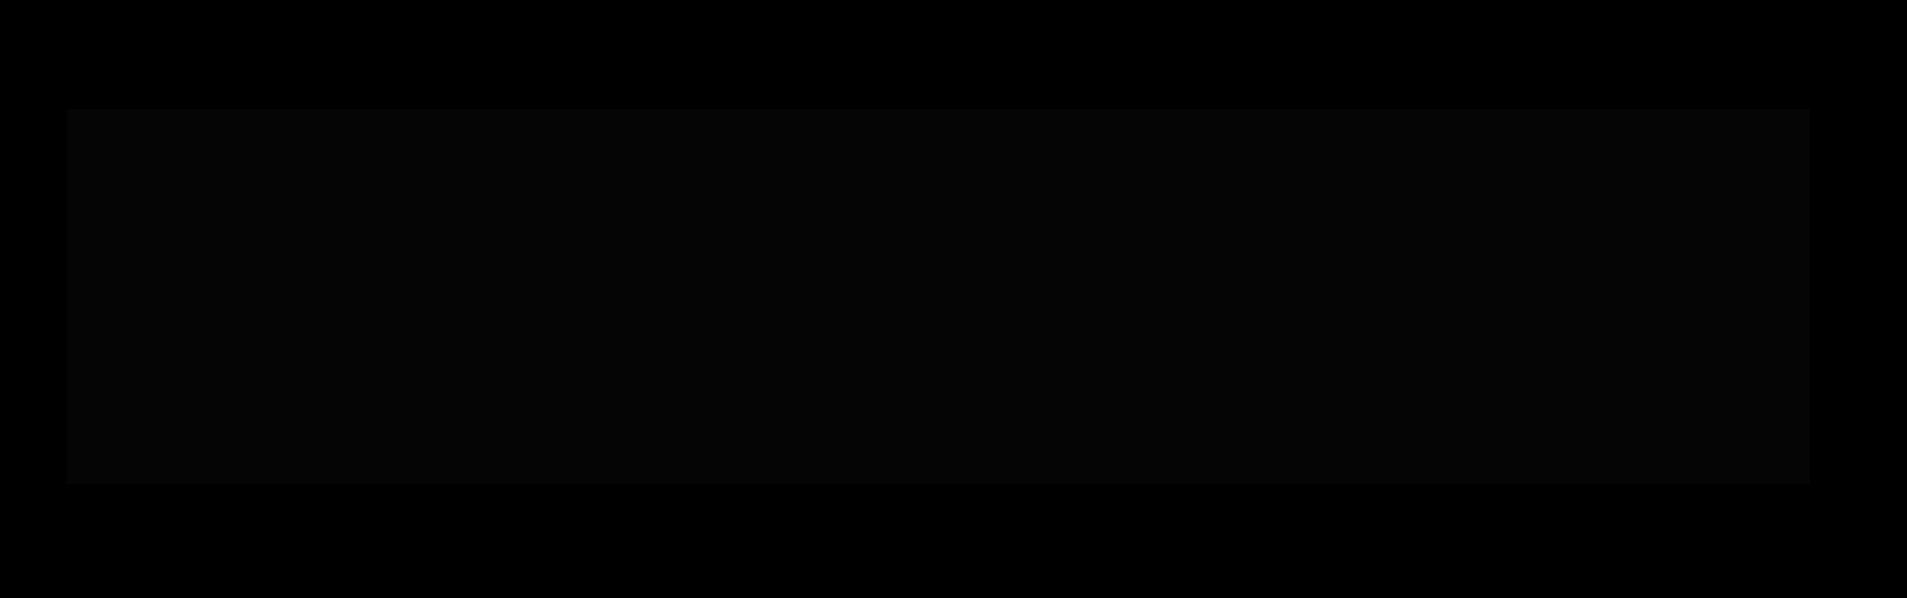 Pluginmusic.nl